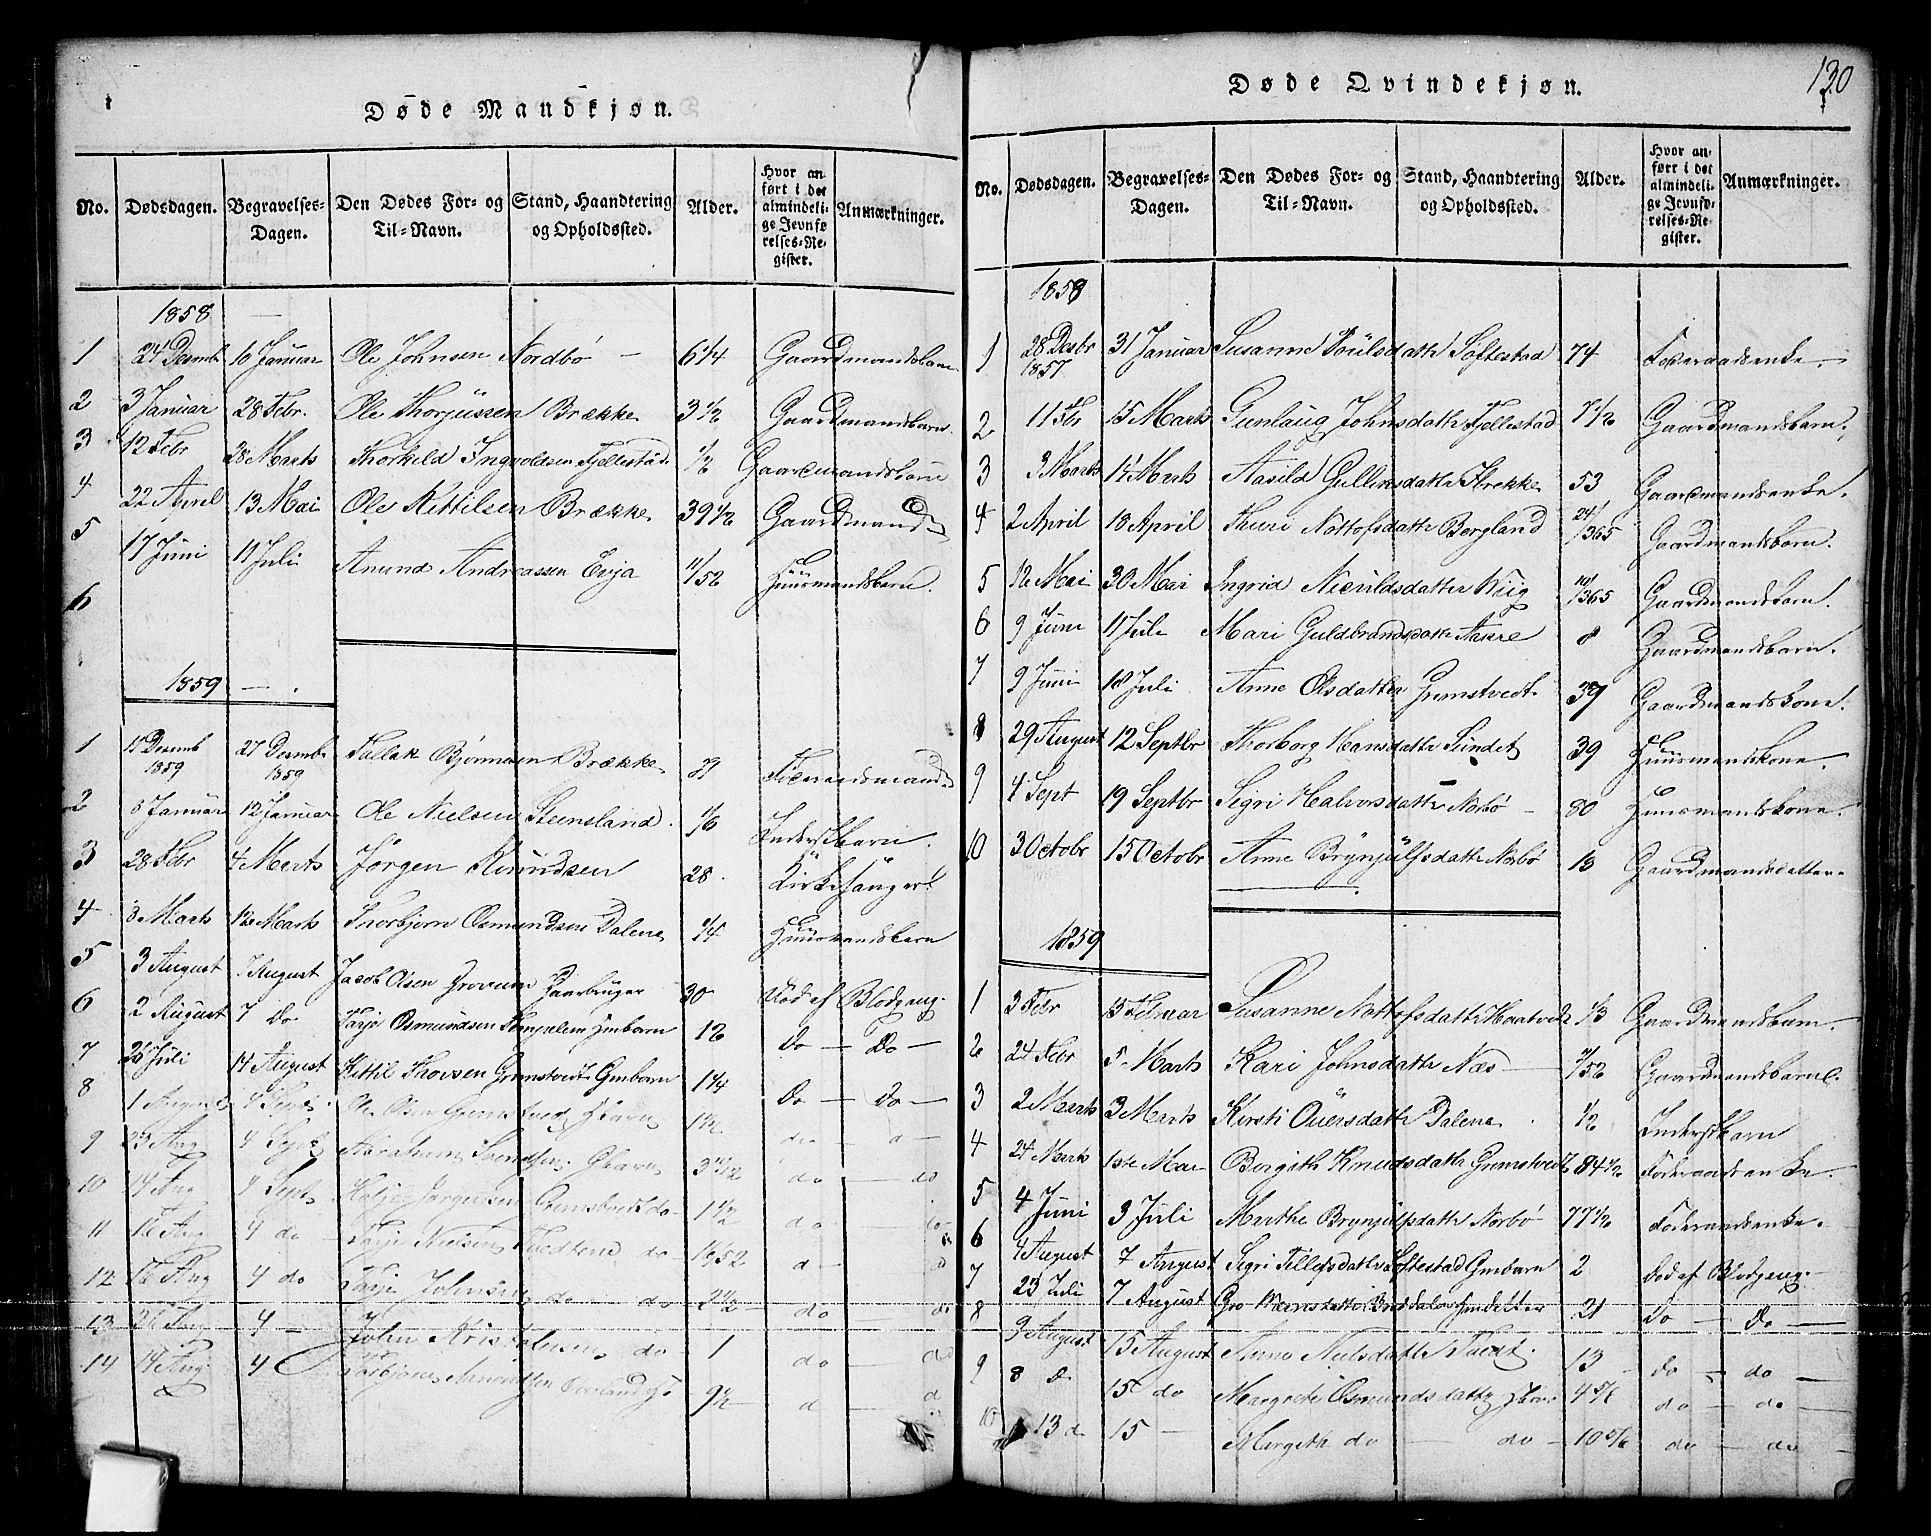 SAKO, Nissedal kirkebøker, G/Ga/L0001: Klokkerbok nr. I 1, 1814-1860, s. 130